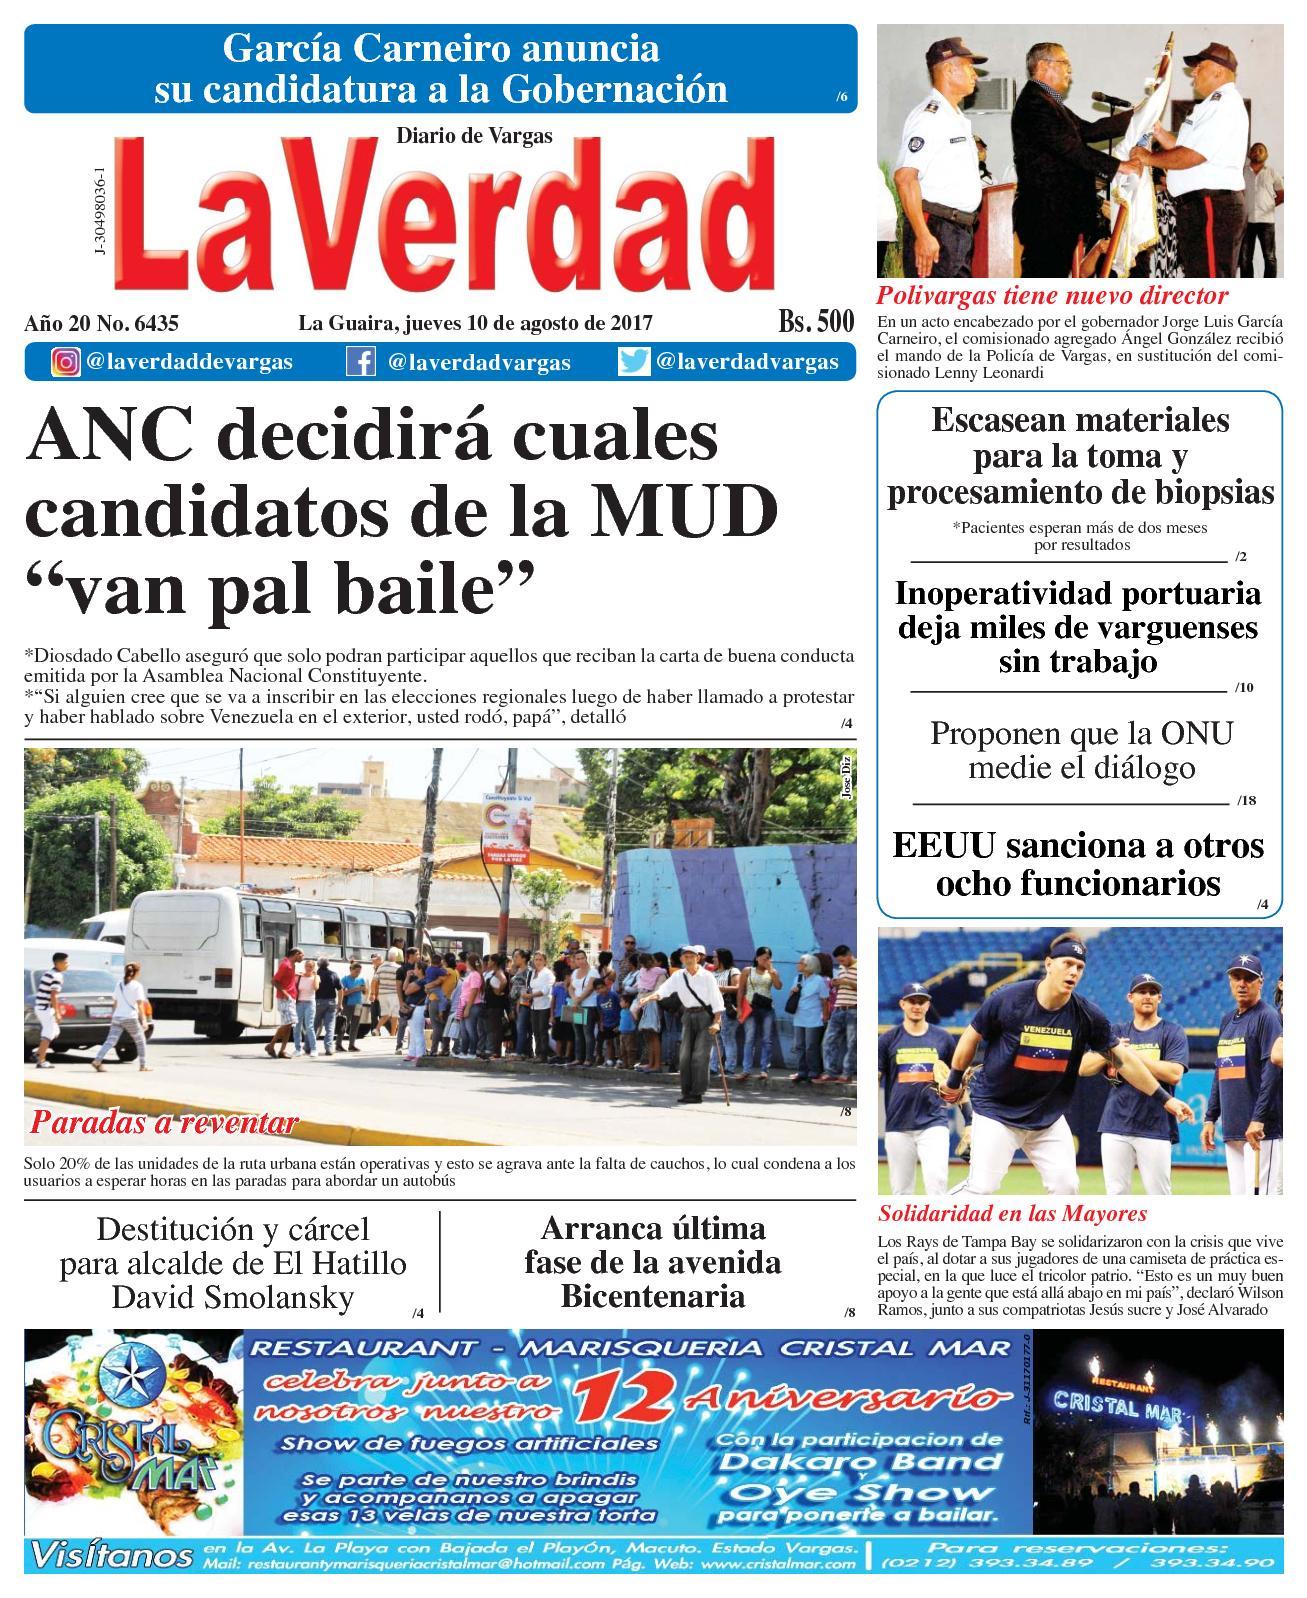 La Guaira, jueves 10 de Agosto de 2017. Año 20 No. 6435